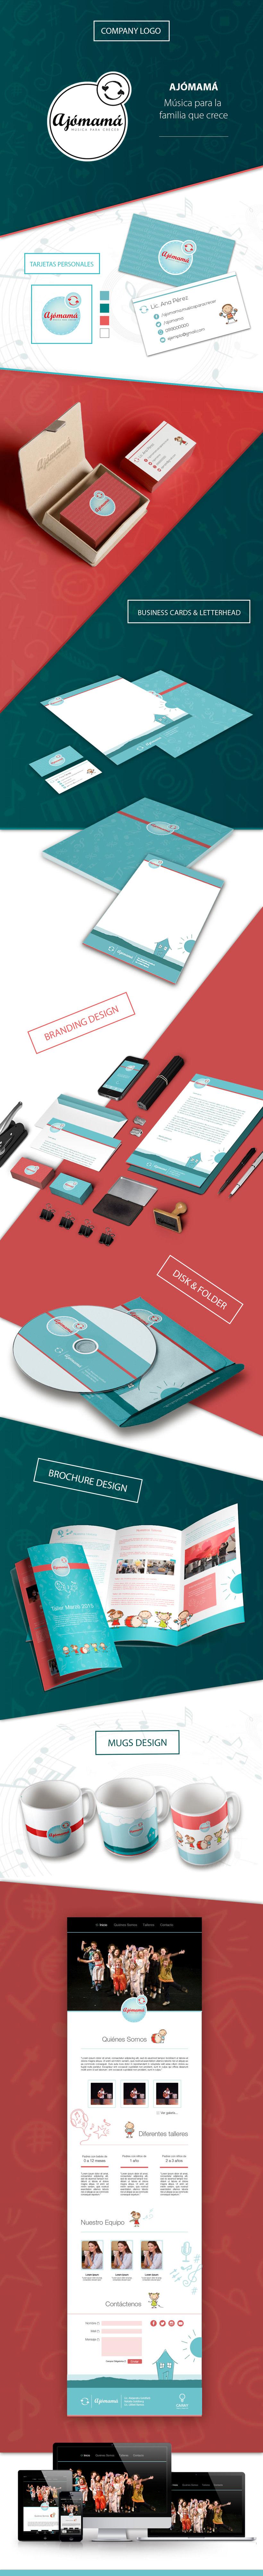 Branding Design 1